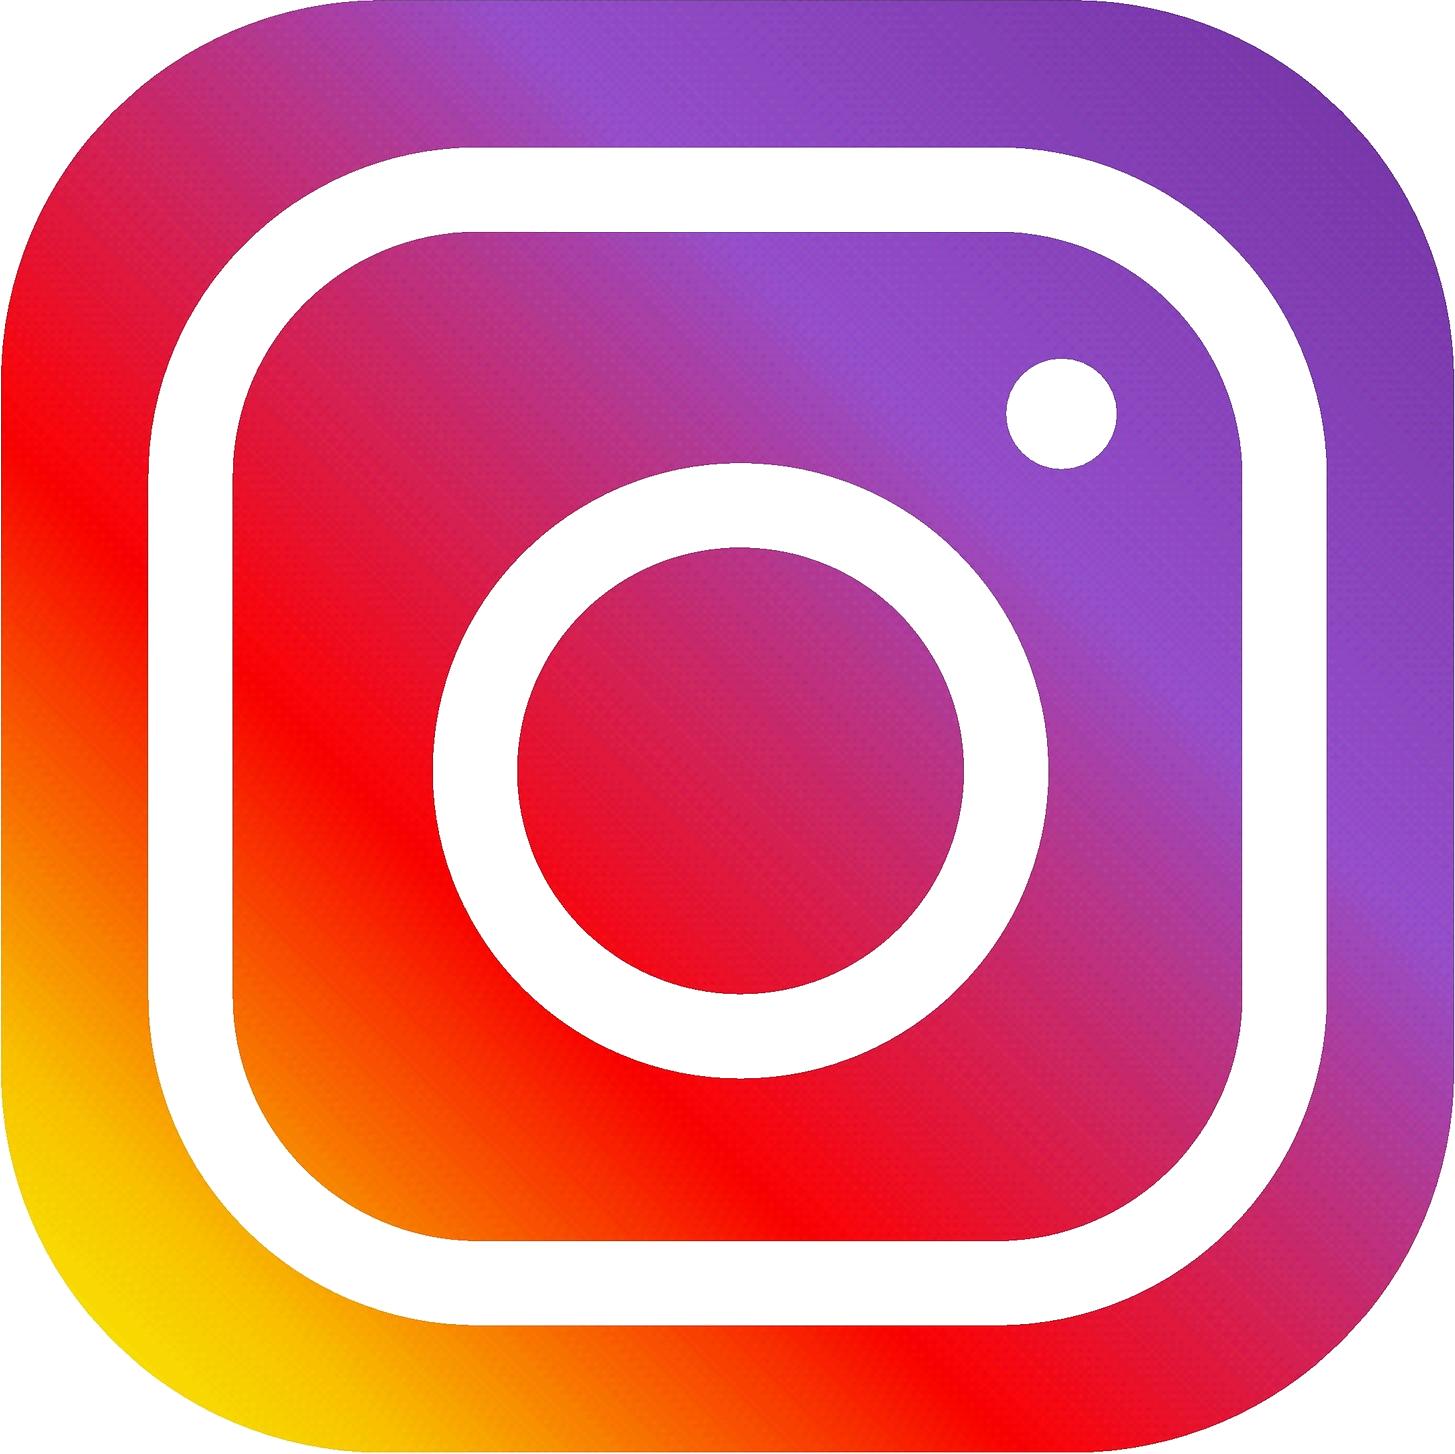 [Image: instagram_PNG10-1vdv6wi.png]